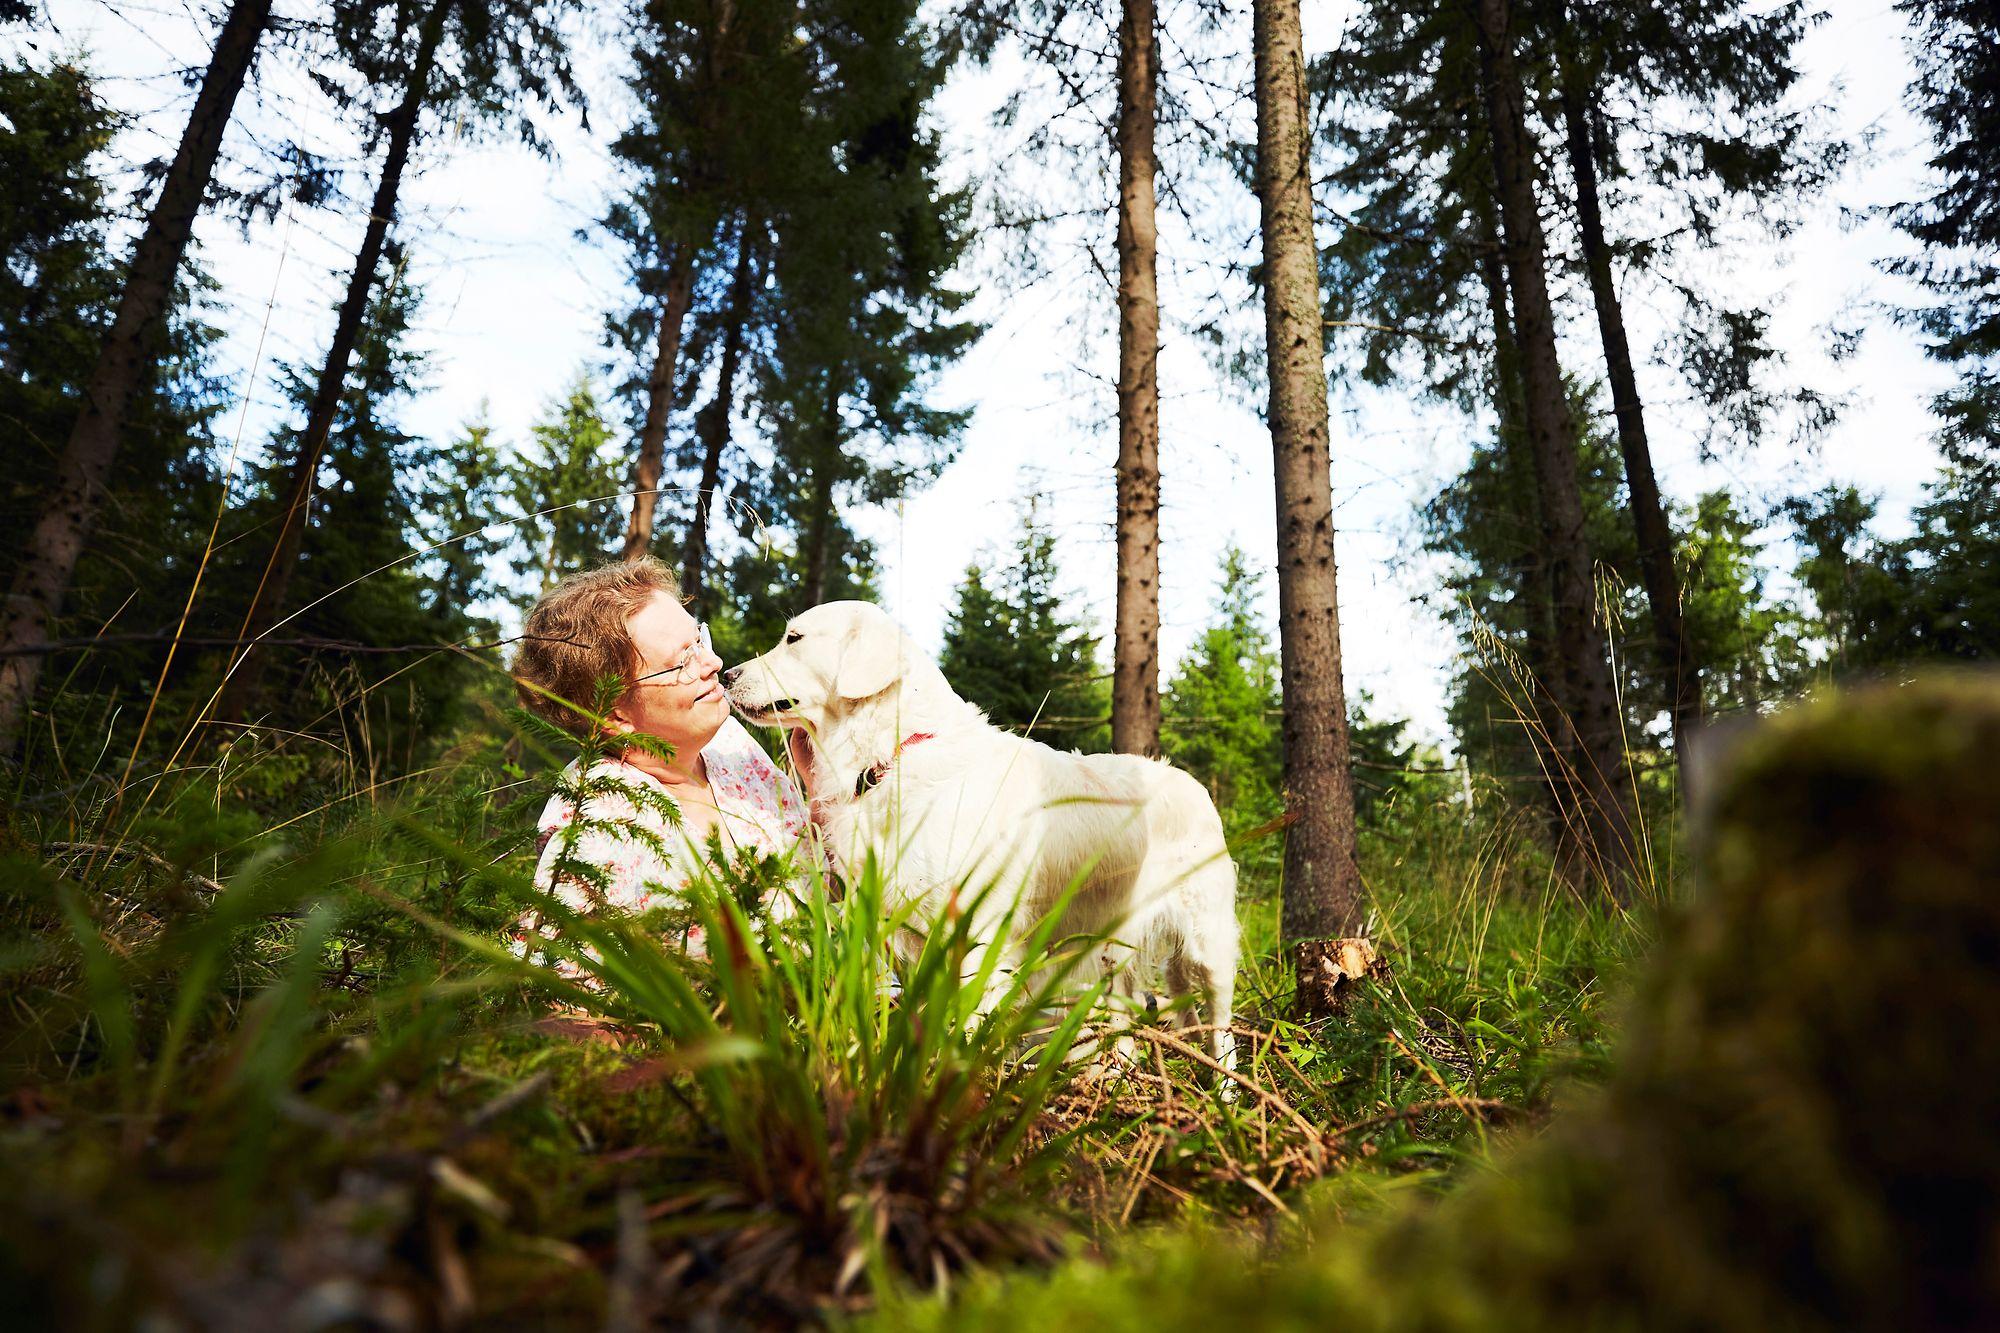 Petterssonien Maya-koirakin nauttii metsän ihmeistä. © Sara Pihlaja